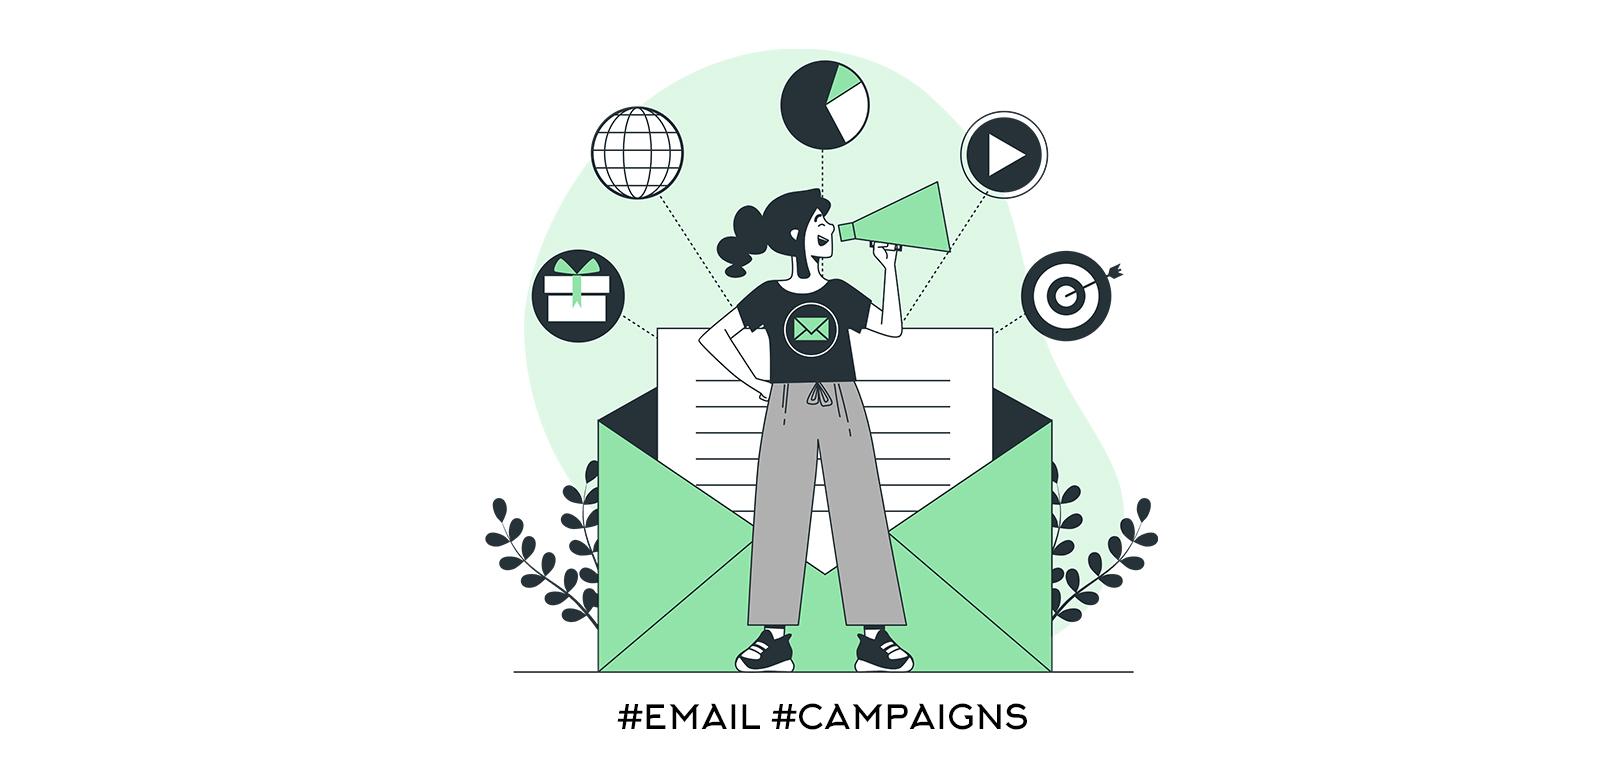 Събирайте e-mail адреси за e-mail маркетинг